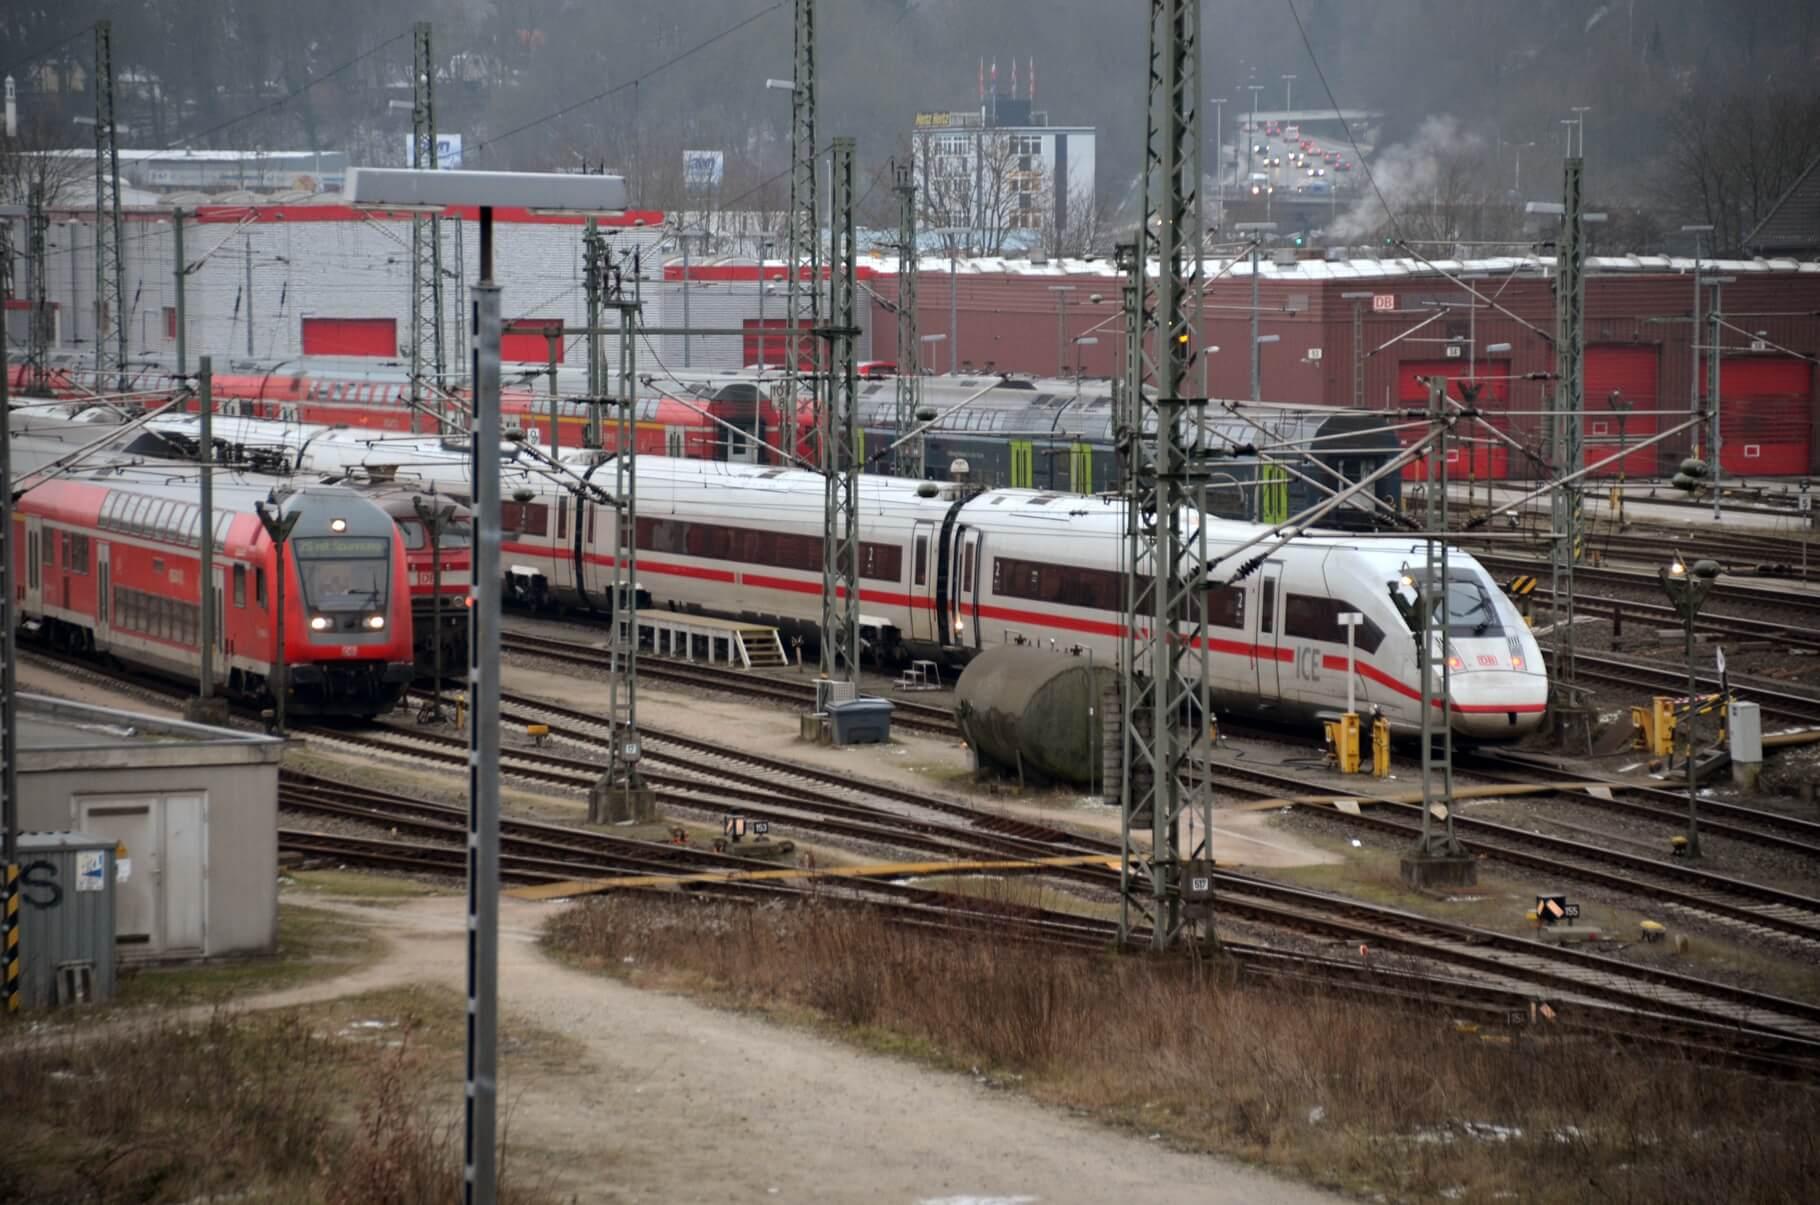 Ein ICE und andere Züge auf Gleisen.